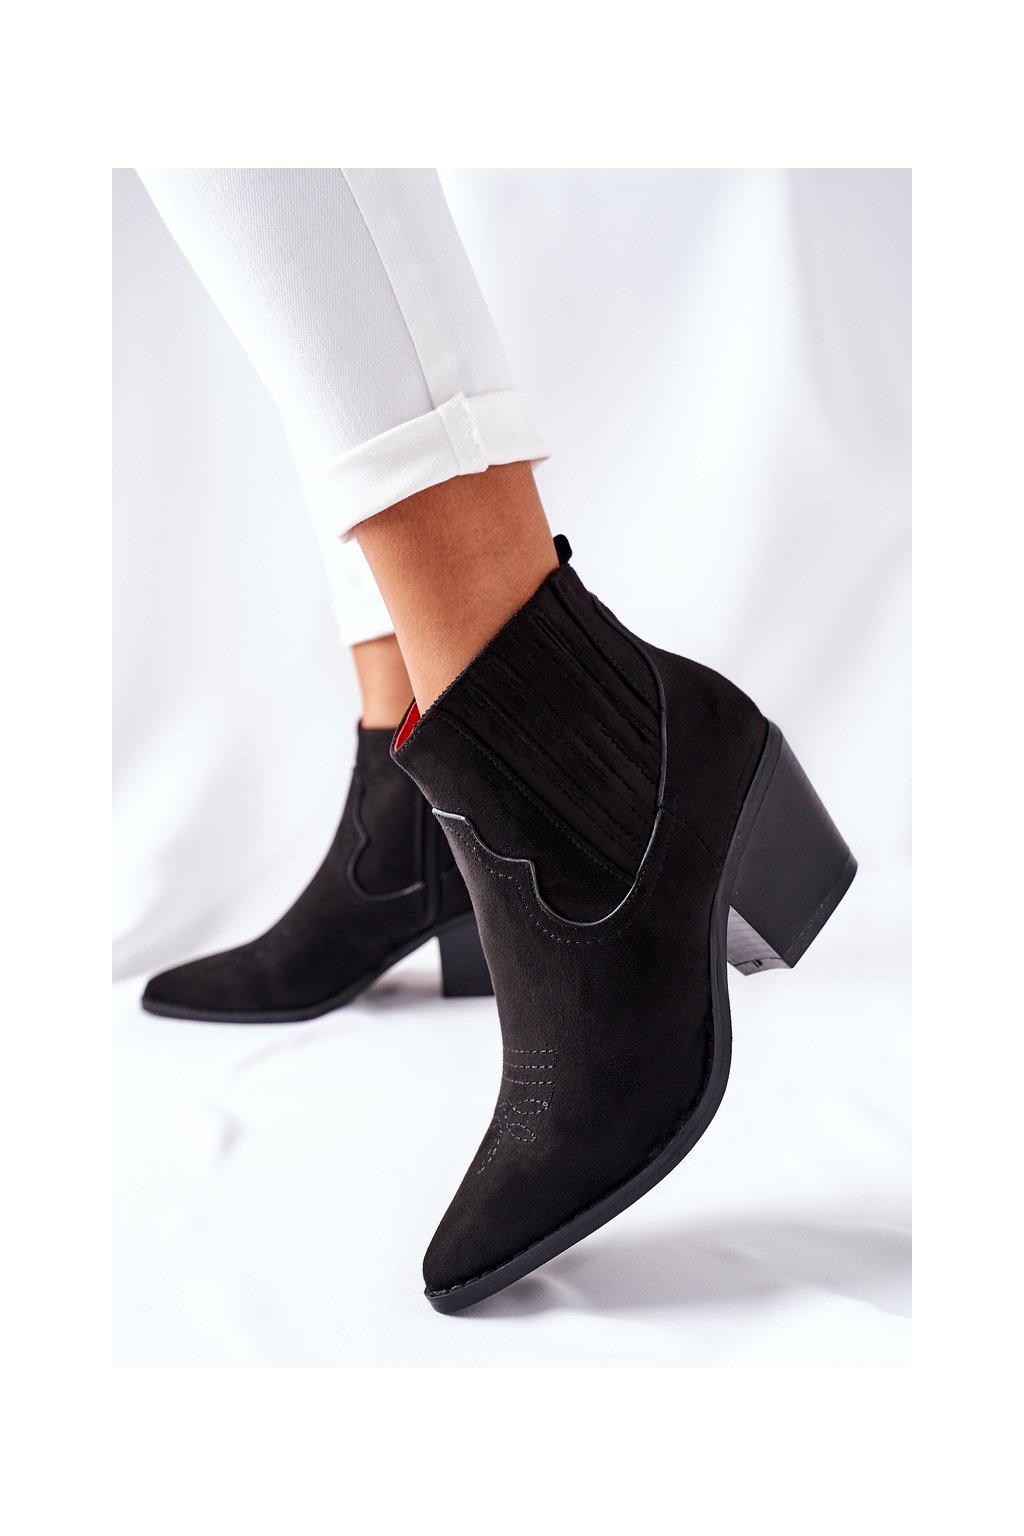 Členkové topánky na podpätku farba čierna kód obuvi 888-112 BLK